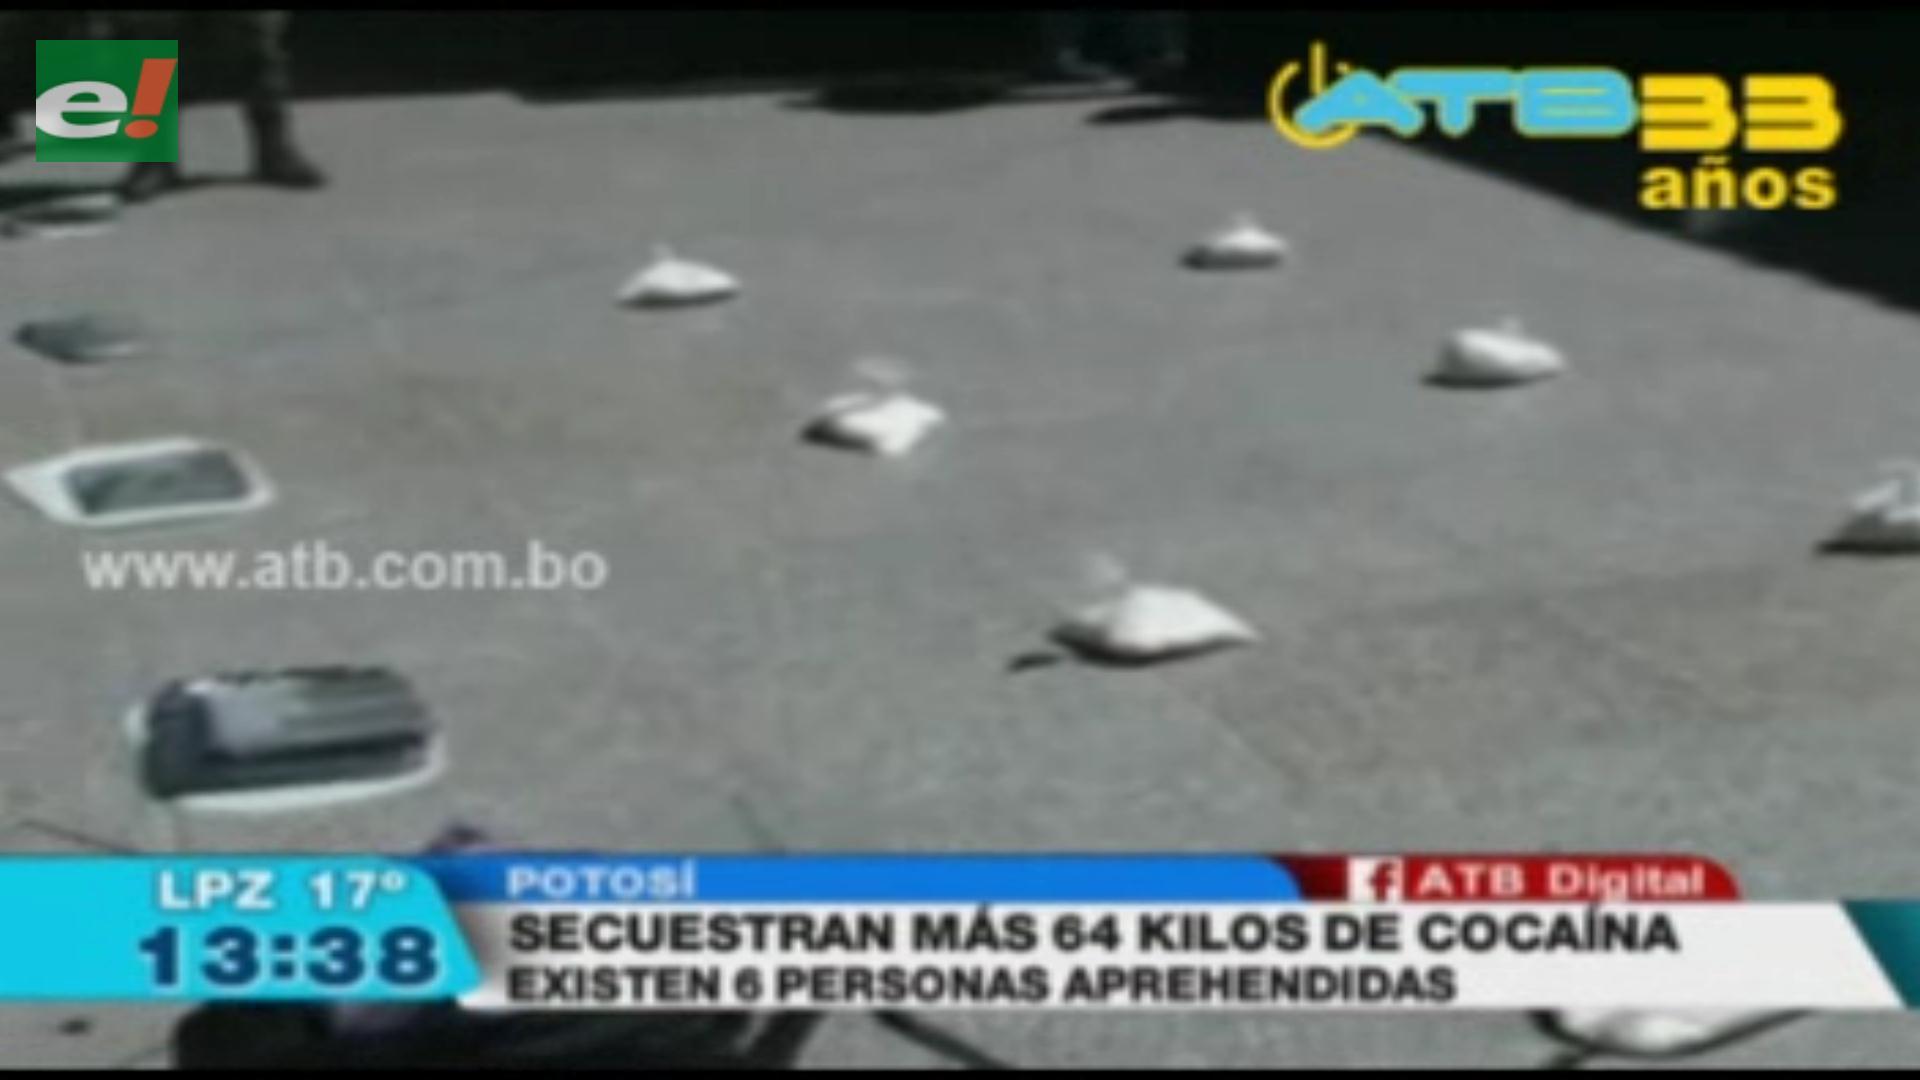 Secuestran más 64 kilos de cocaína y 5 de marihuana en Potosí